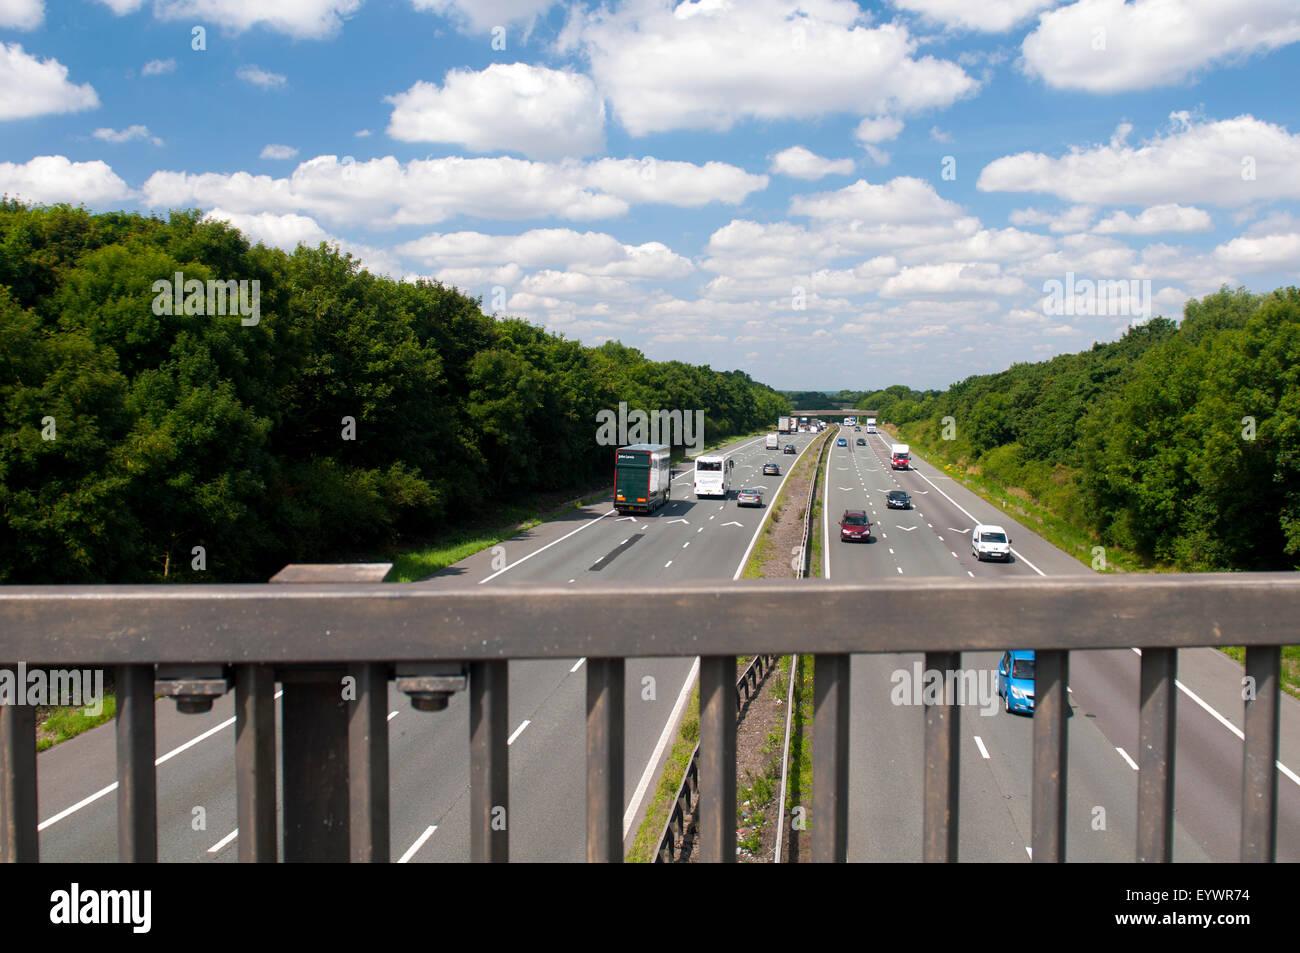 M6 motorway near Easenhall, Warwickshire, UK Stock Photo